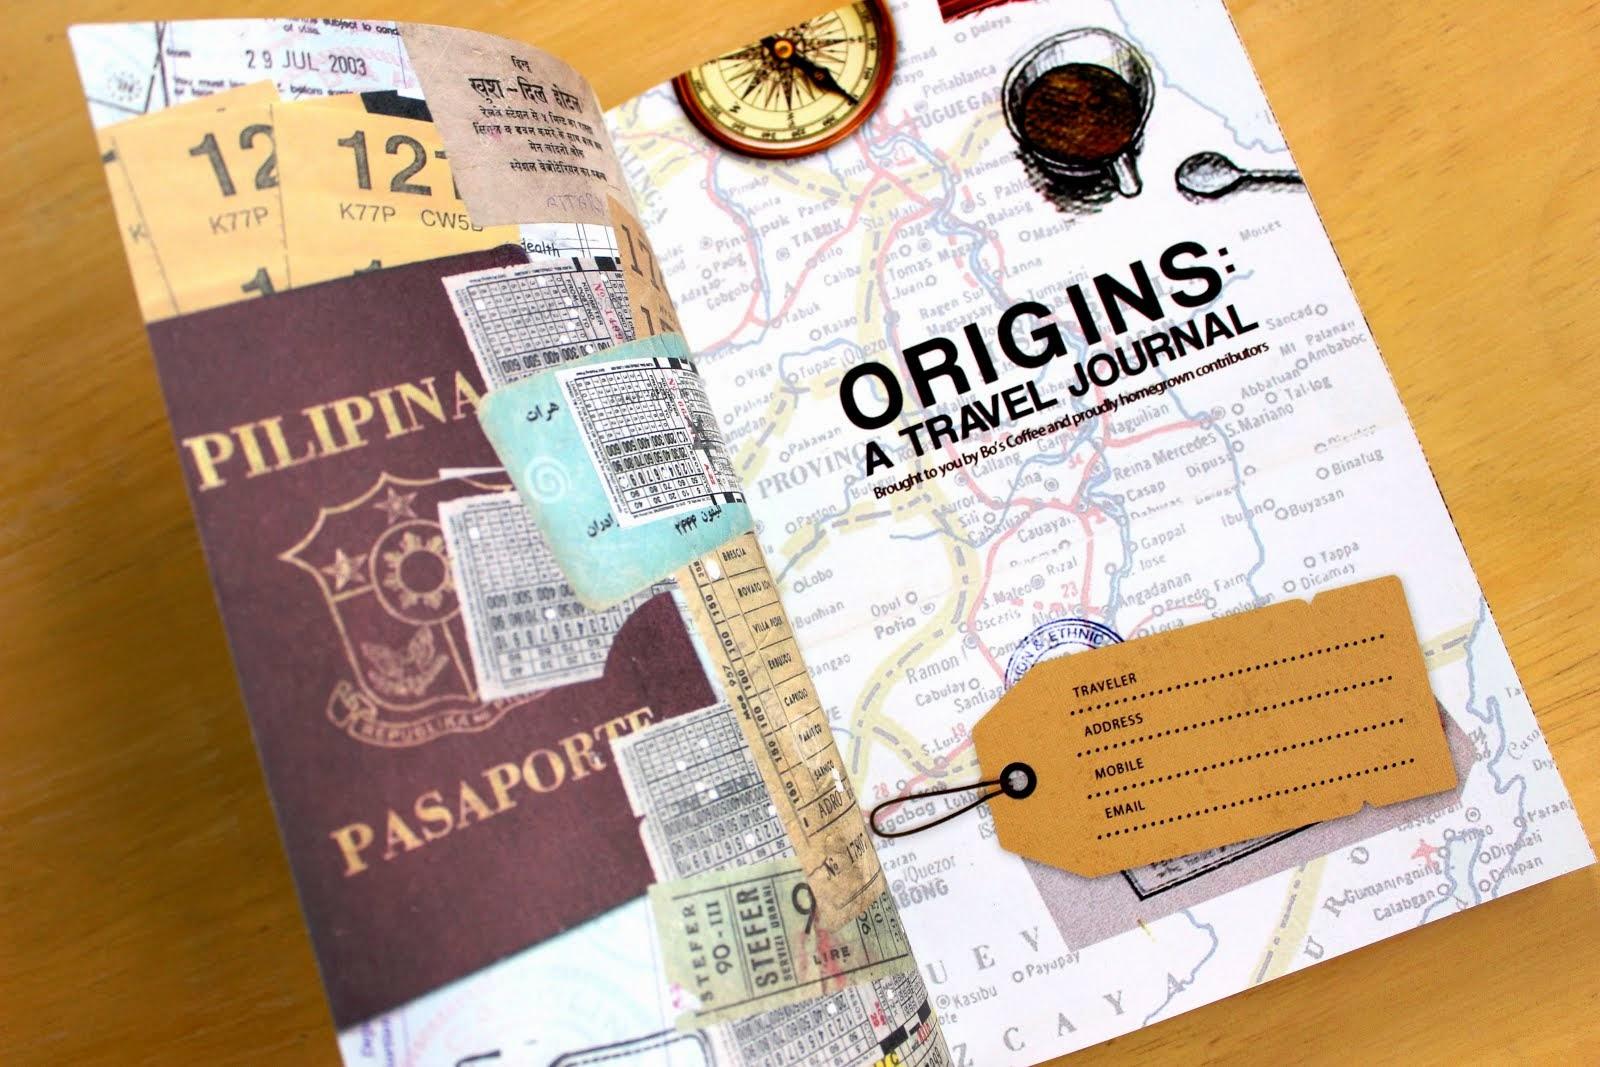 ORIGINS: A TRAVEL JOURNAL